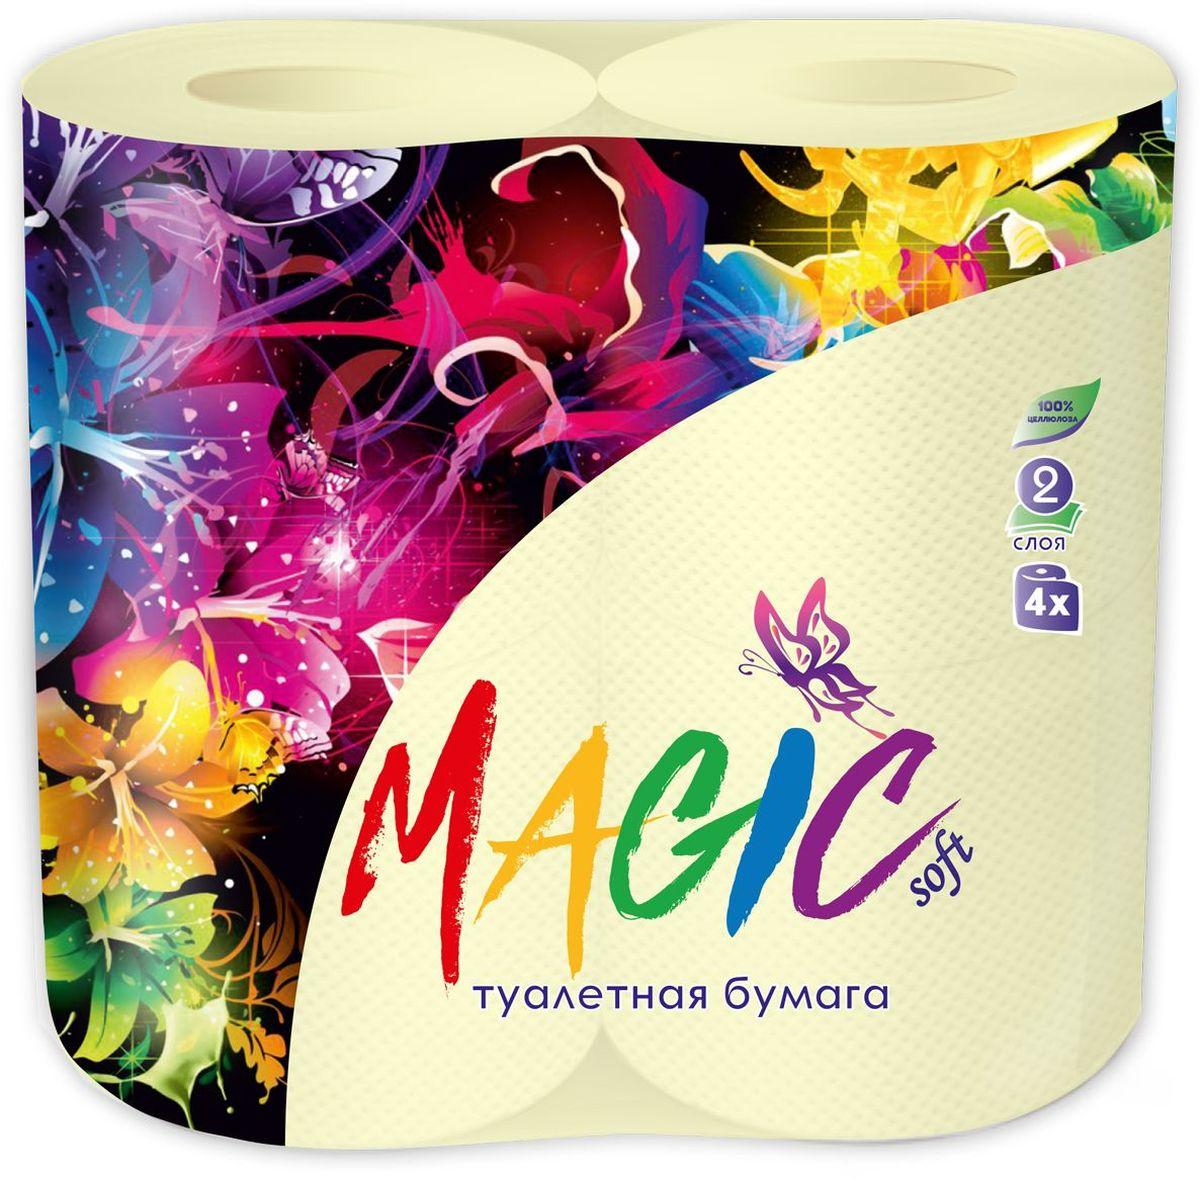 Туалетная бумага Magic Soft, цвет: желтый, 4 рулонаKOC-H19-LEDДля бытового и санитарно-гигиенического назначения. Одноразового использования.